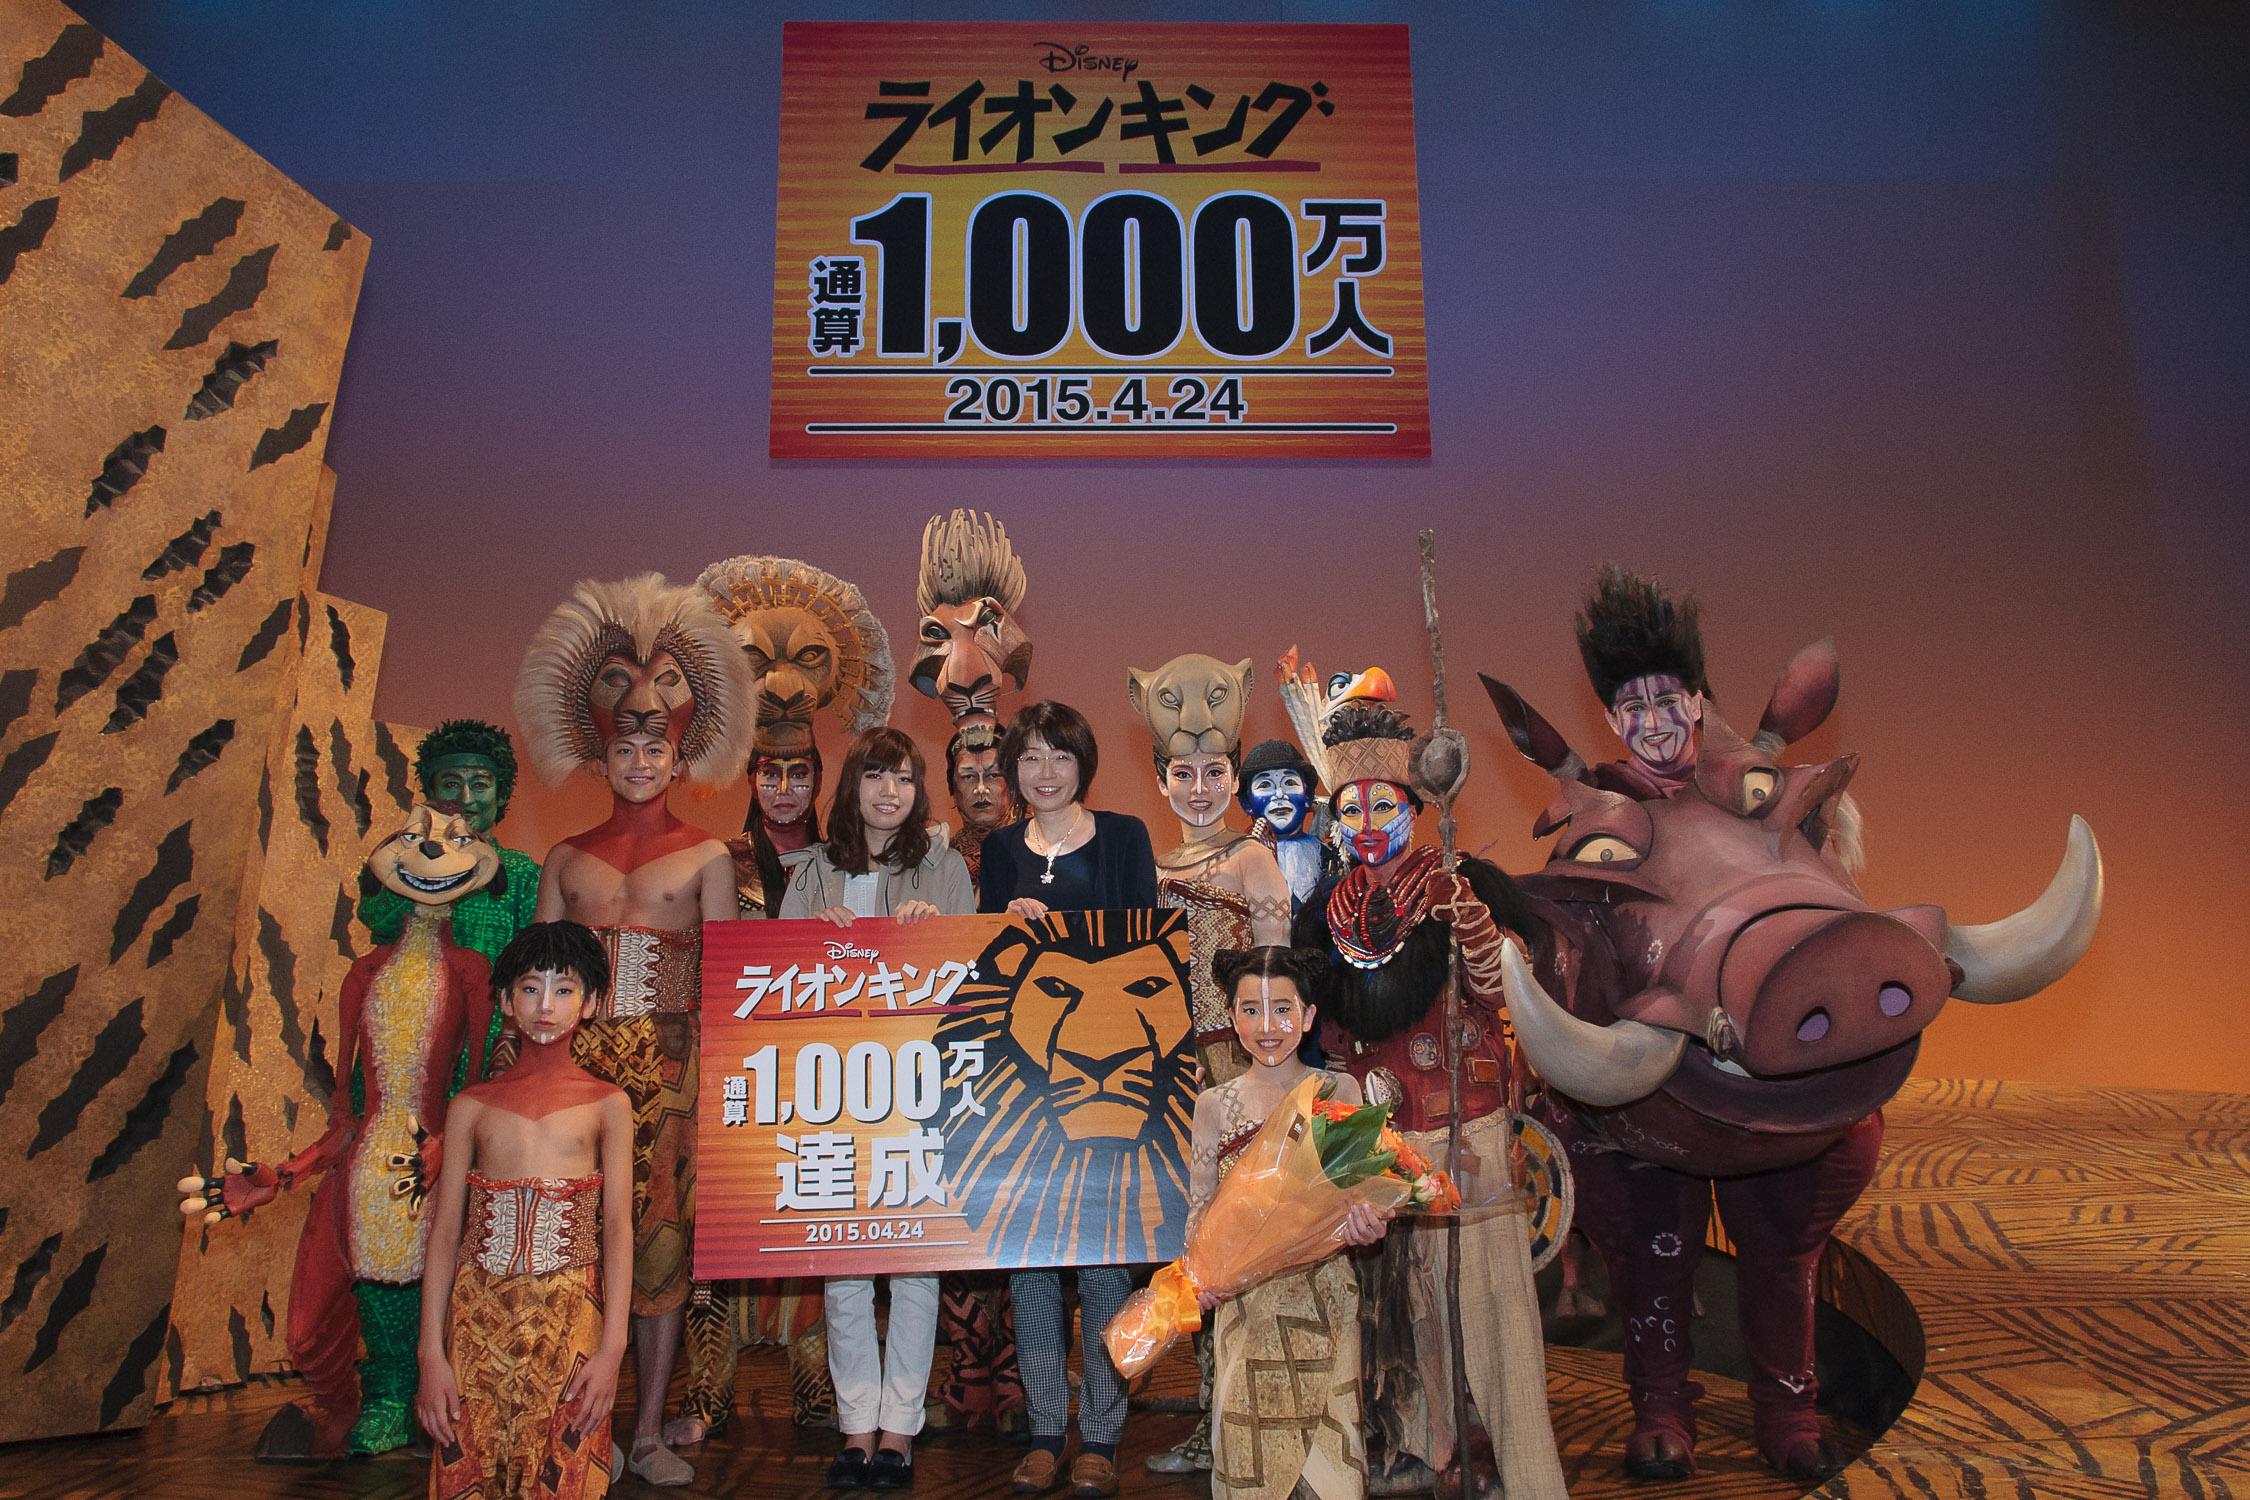 劇団四季『ライオンキング』日本公演、総入場者数1,000万人を達成!